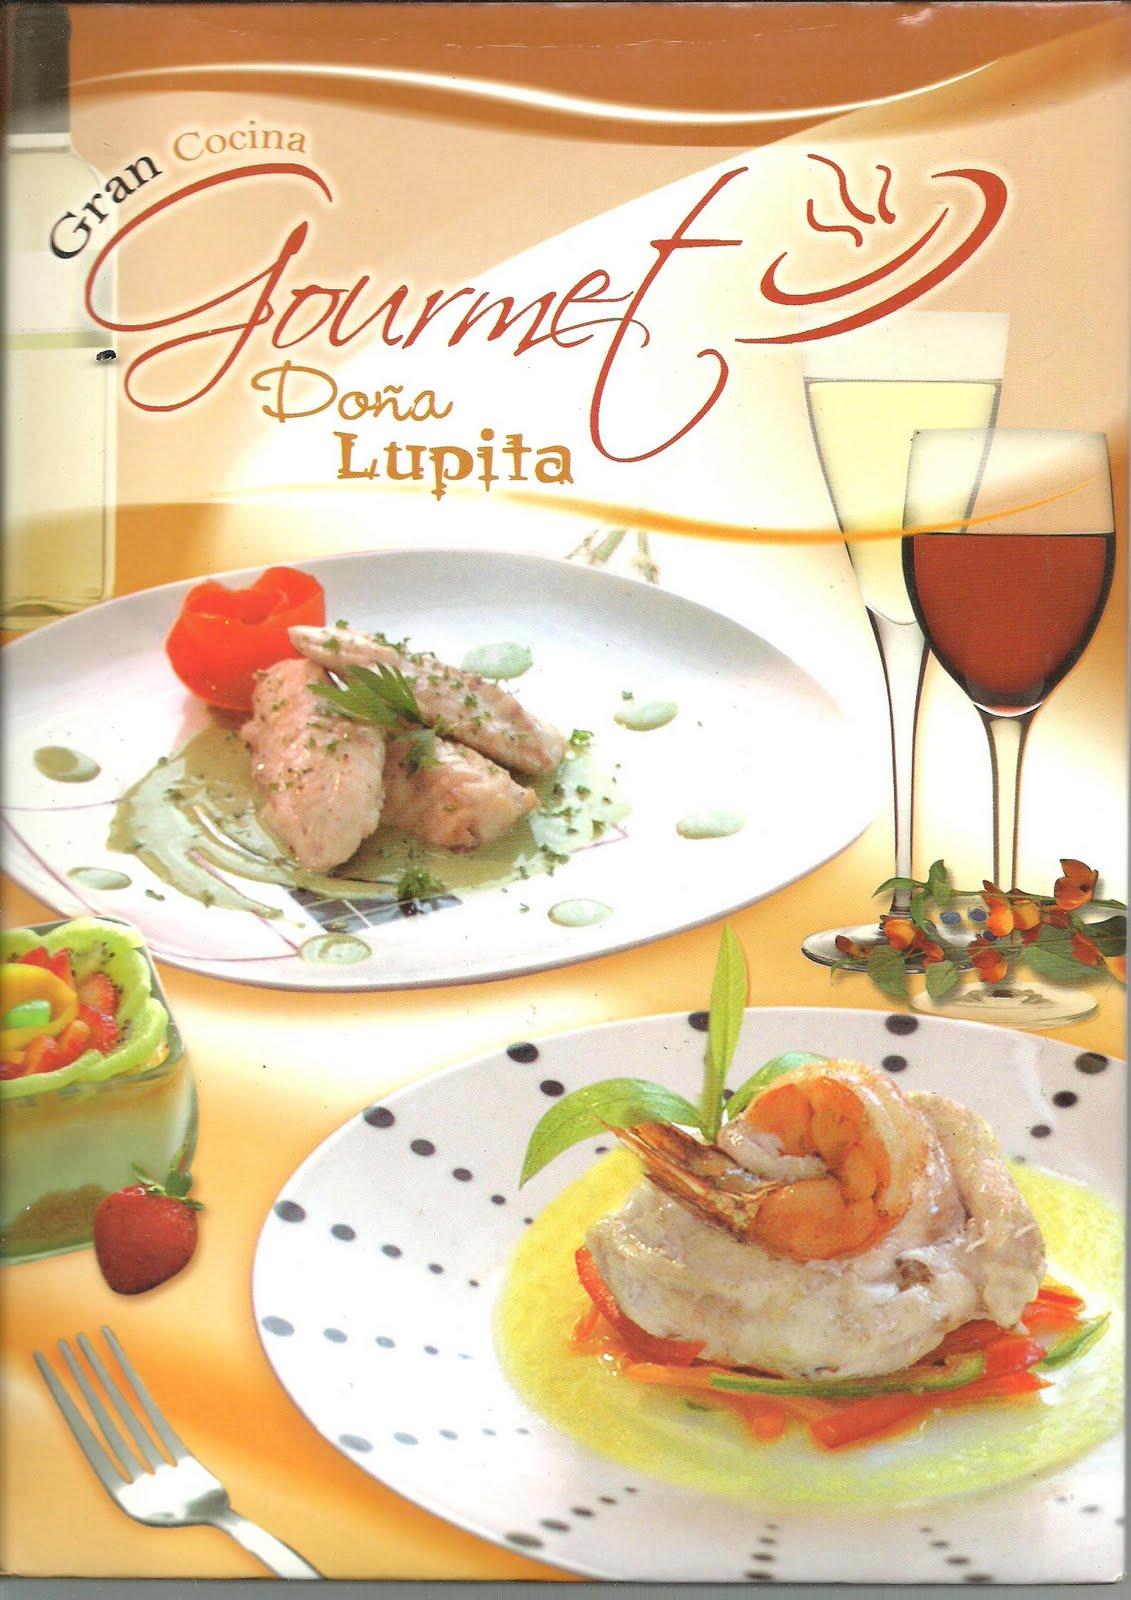 Cocina Saludable Of Libro Postres La Nueva Cocina Saludable Descargar Gratis Pdf